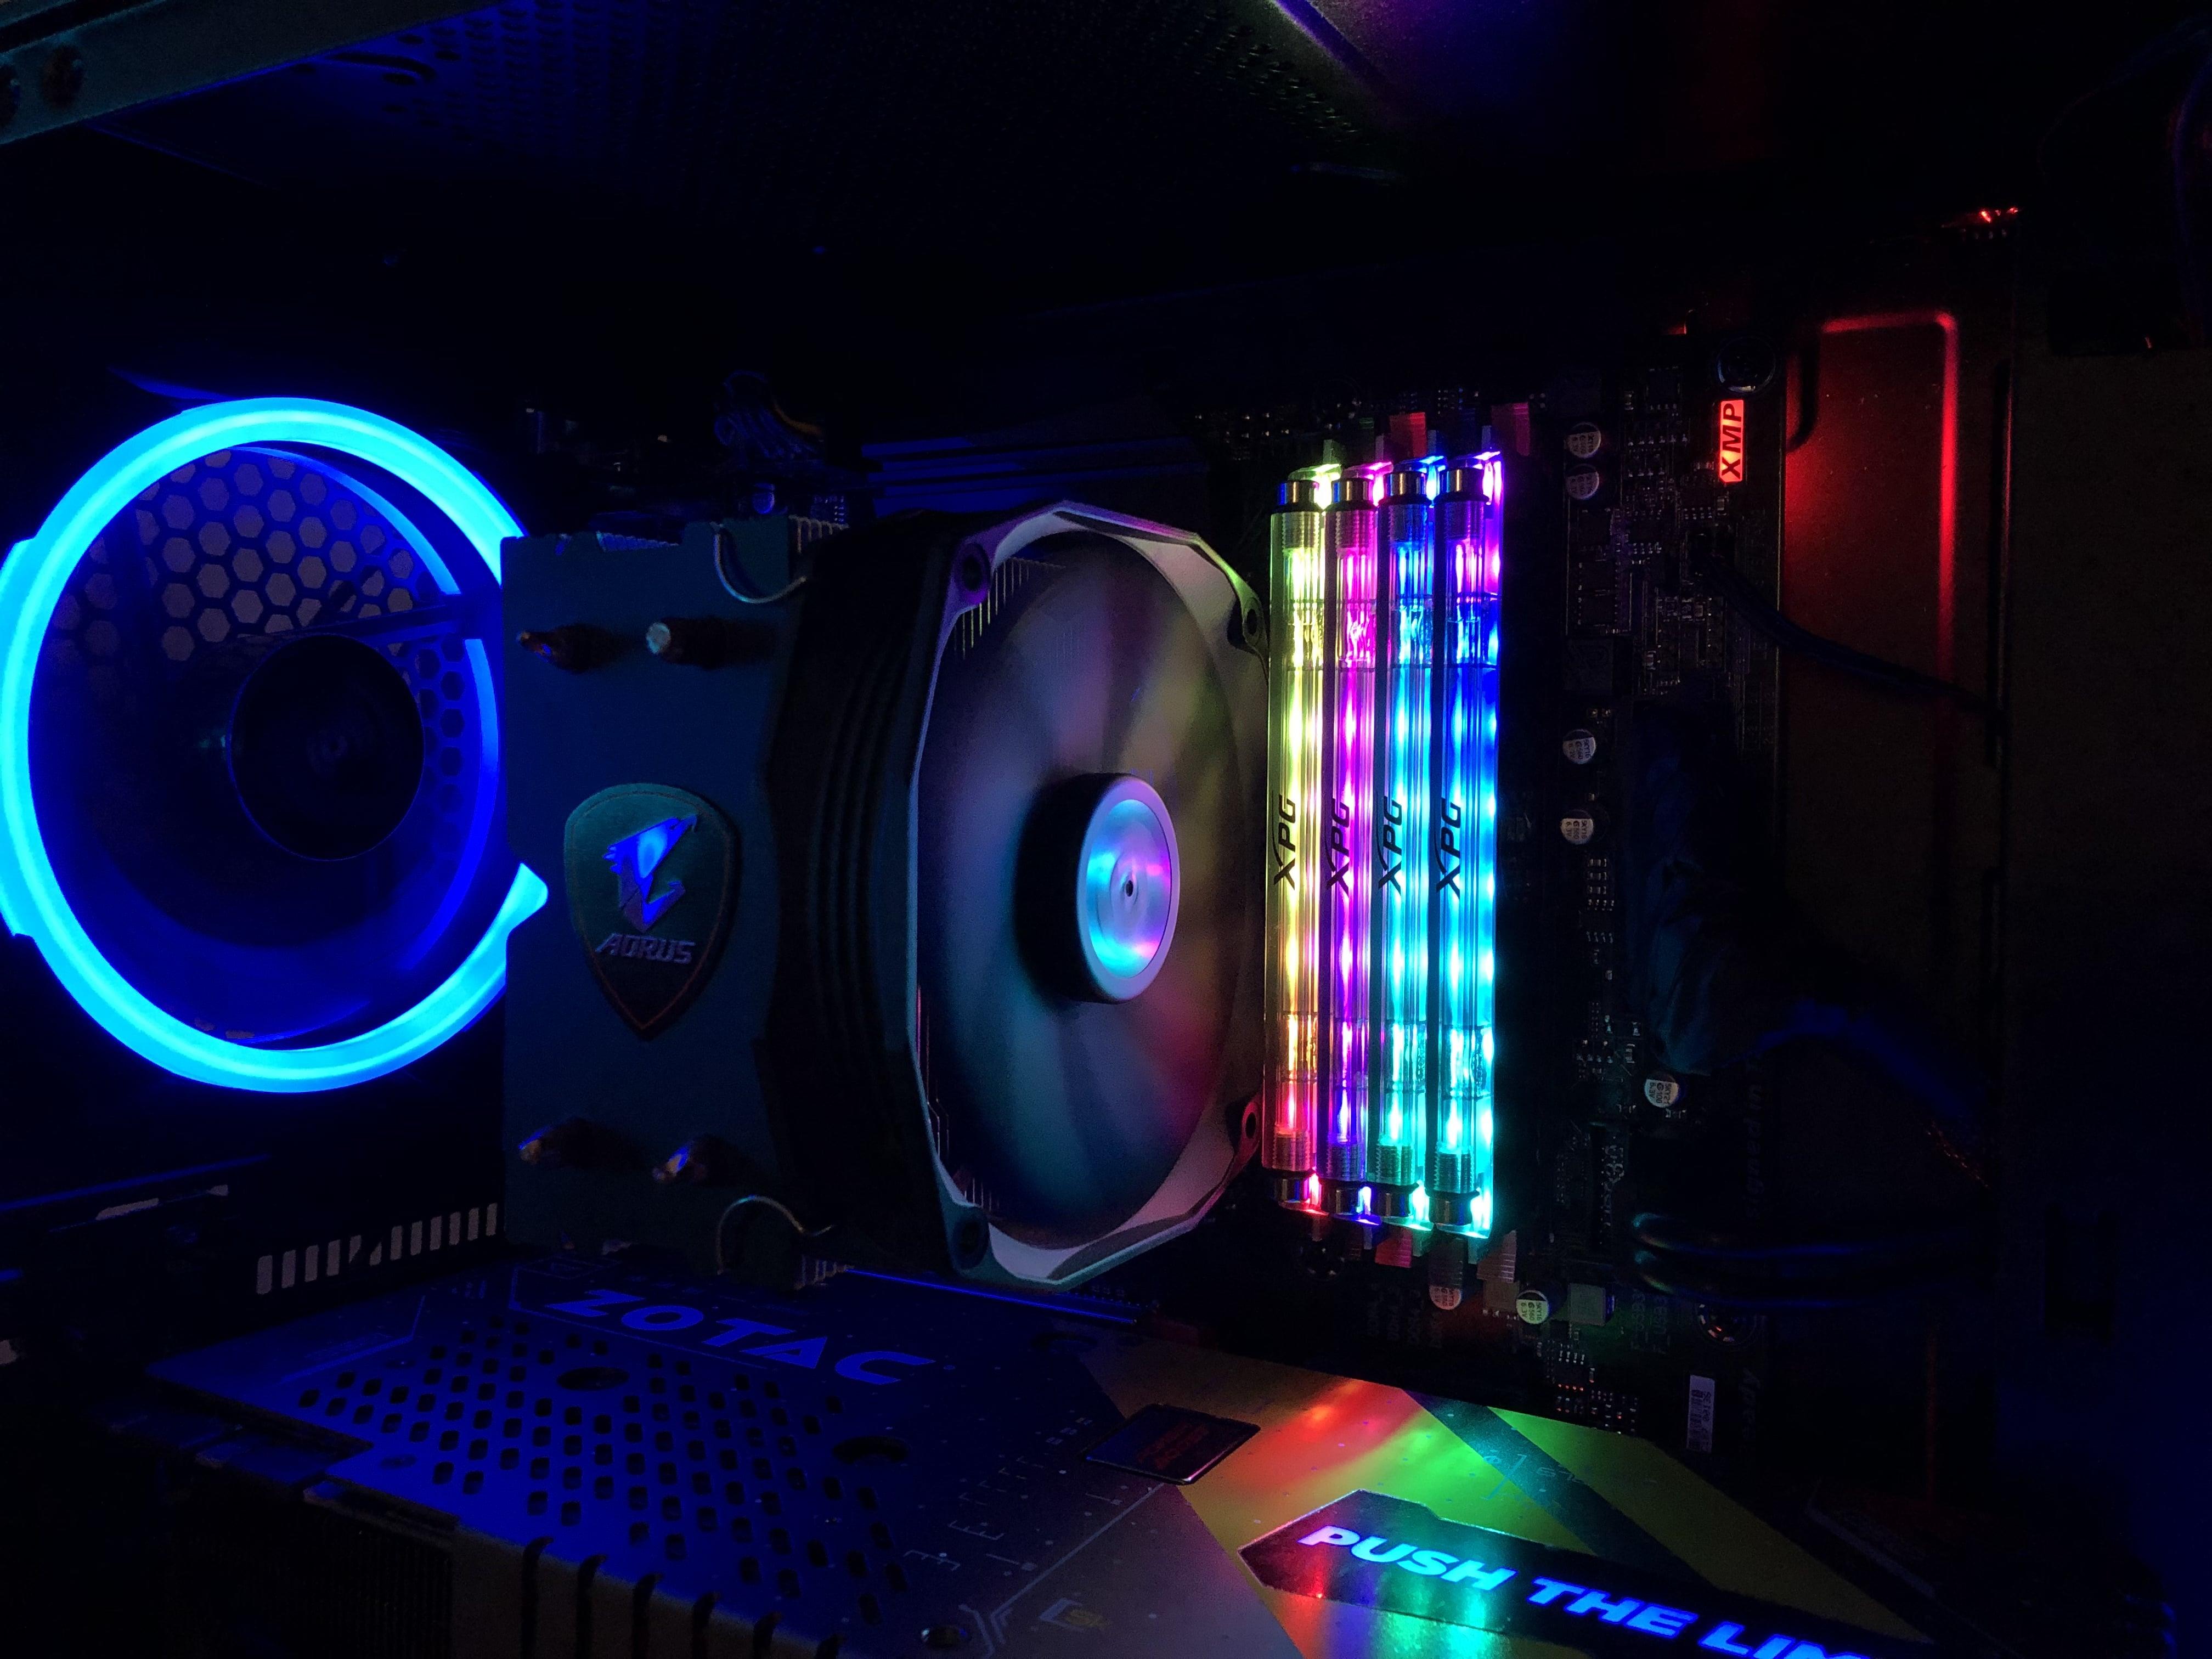 Pamięci z chłodzeniem wodnym? Tak! Testujemy RAM 32 GB ADATA XPG Spectrix D80 RGB - czy woda pozwoli na więcej? 25